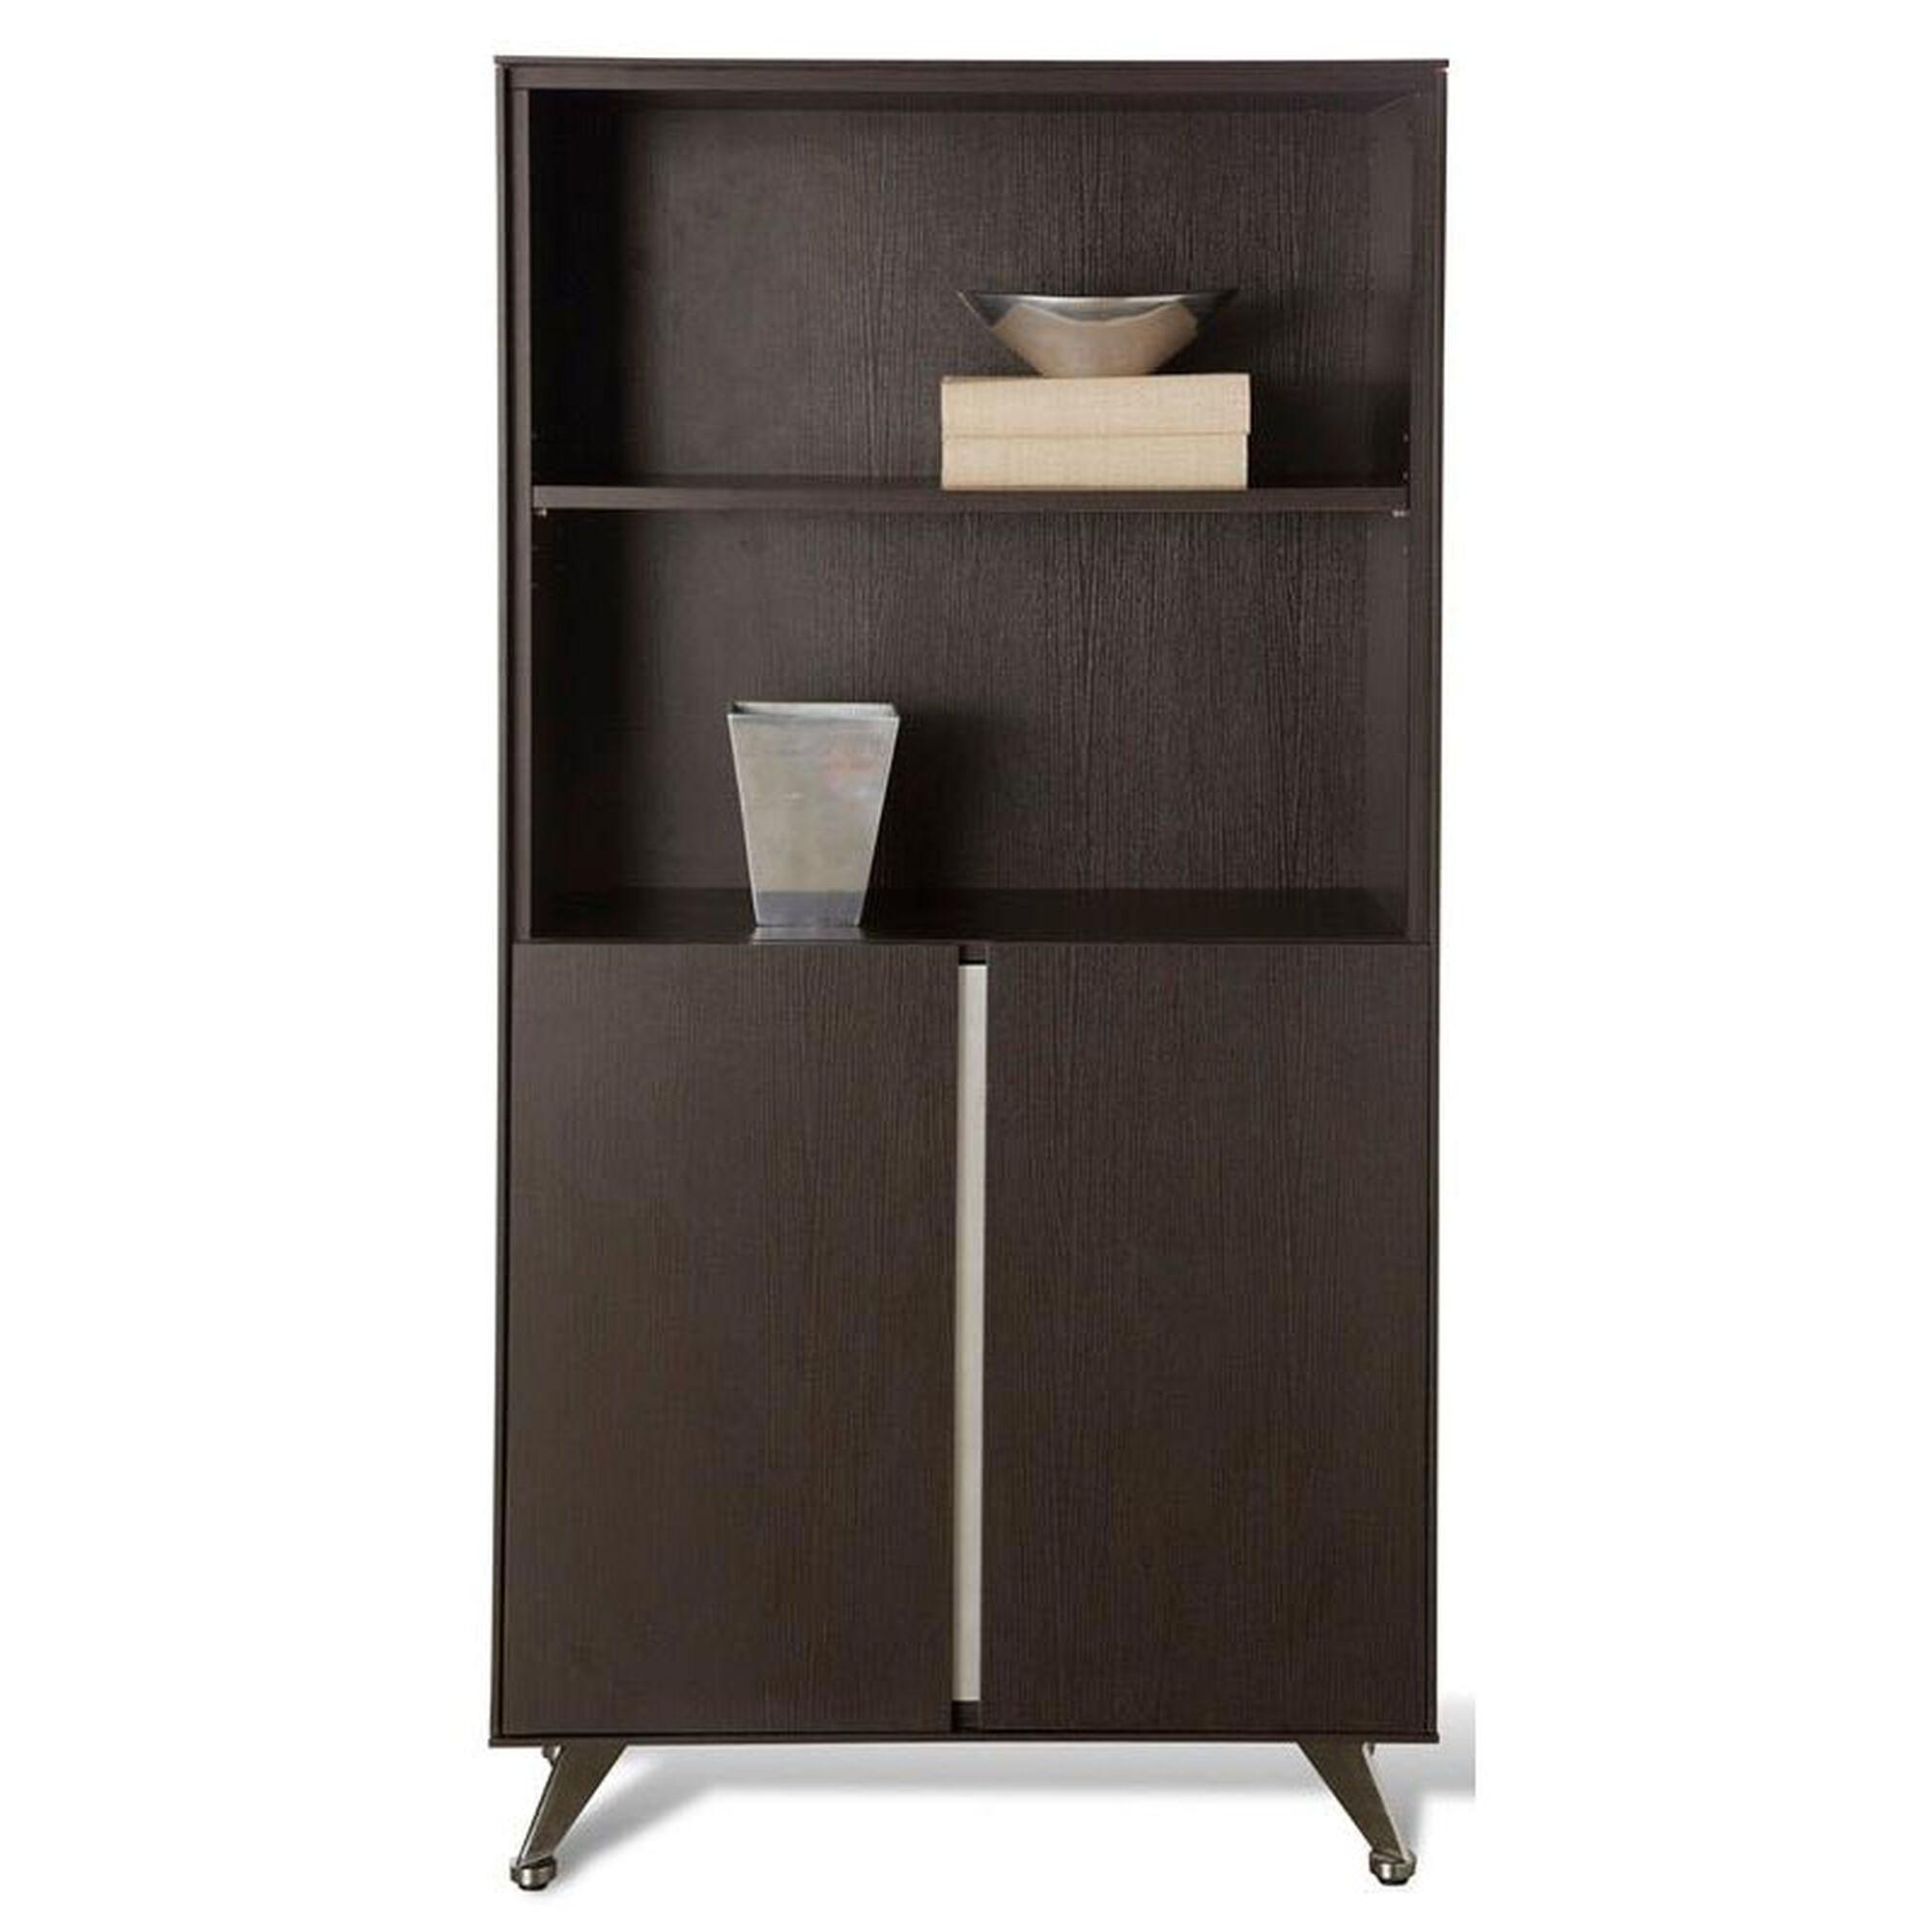 Unique furniture 360 esp jpo for Furniture 360